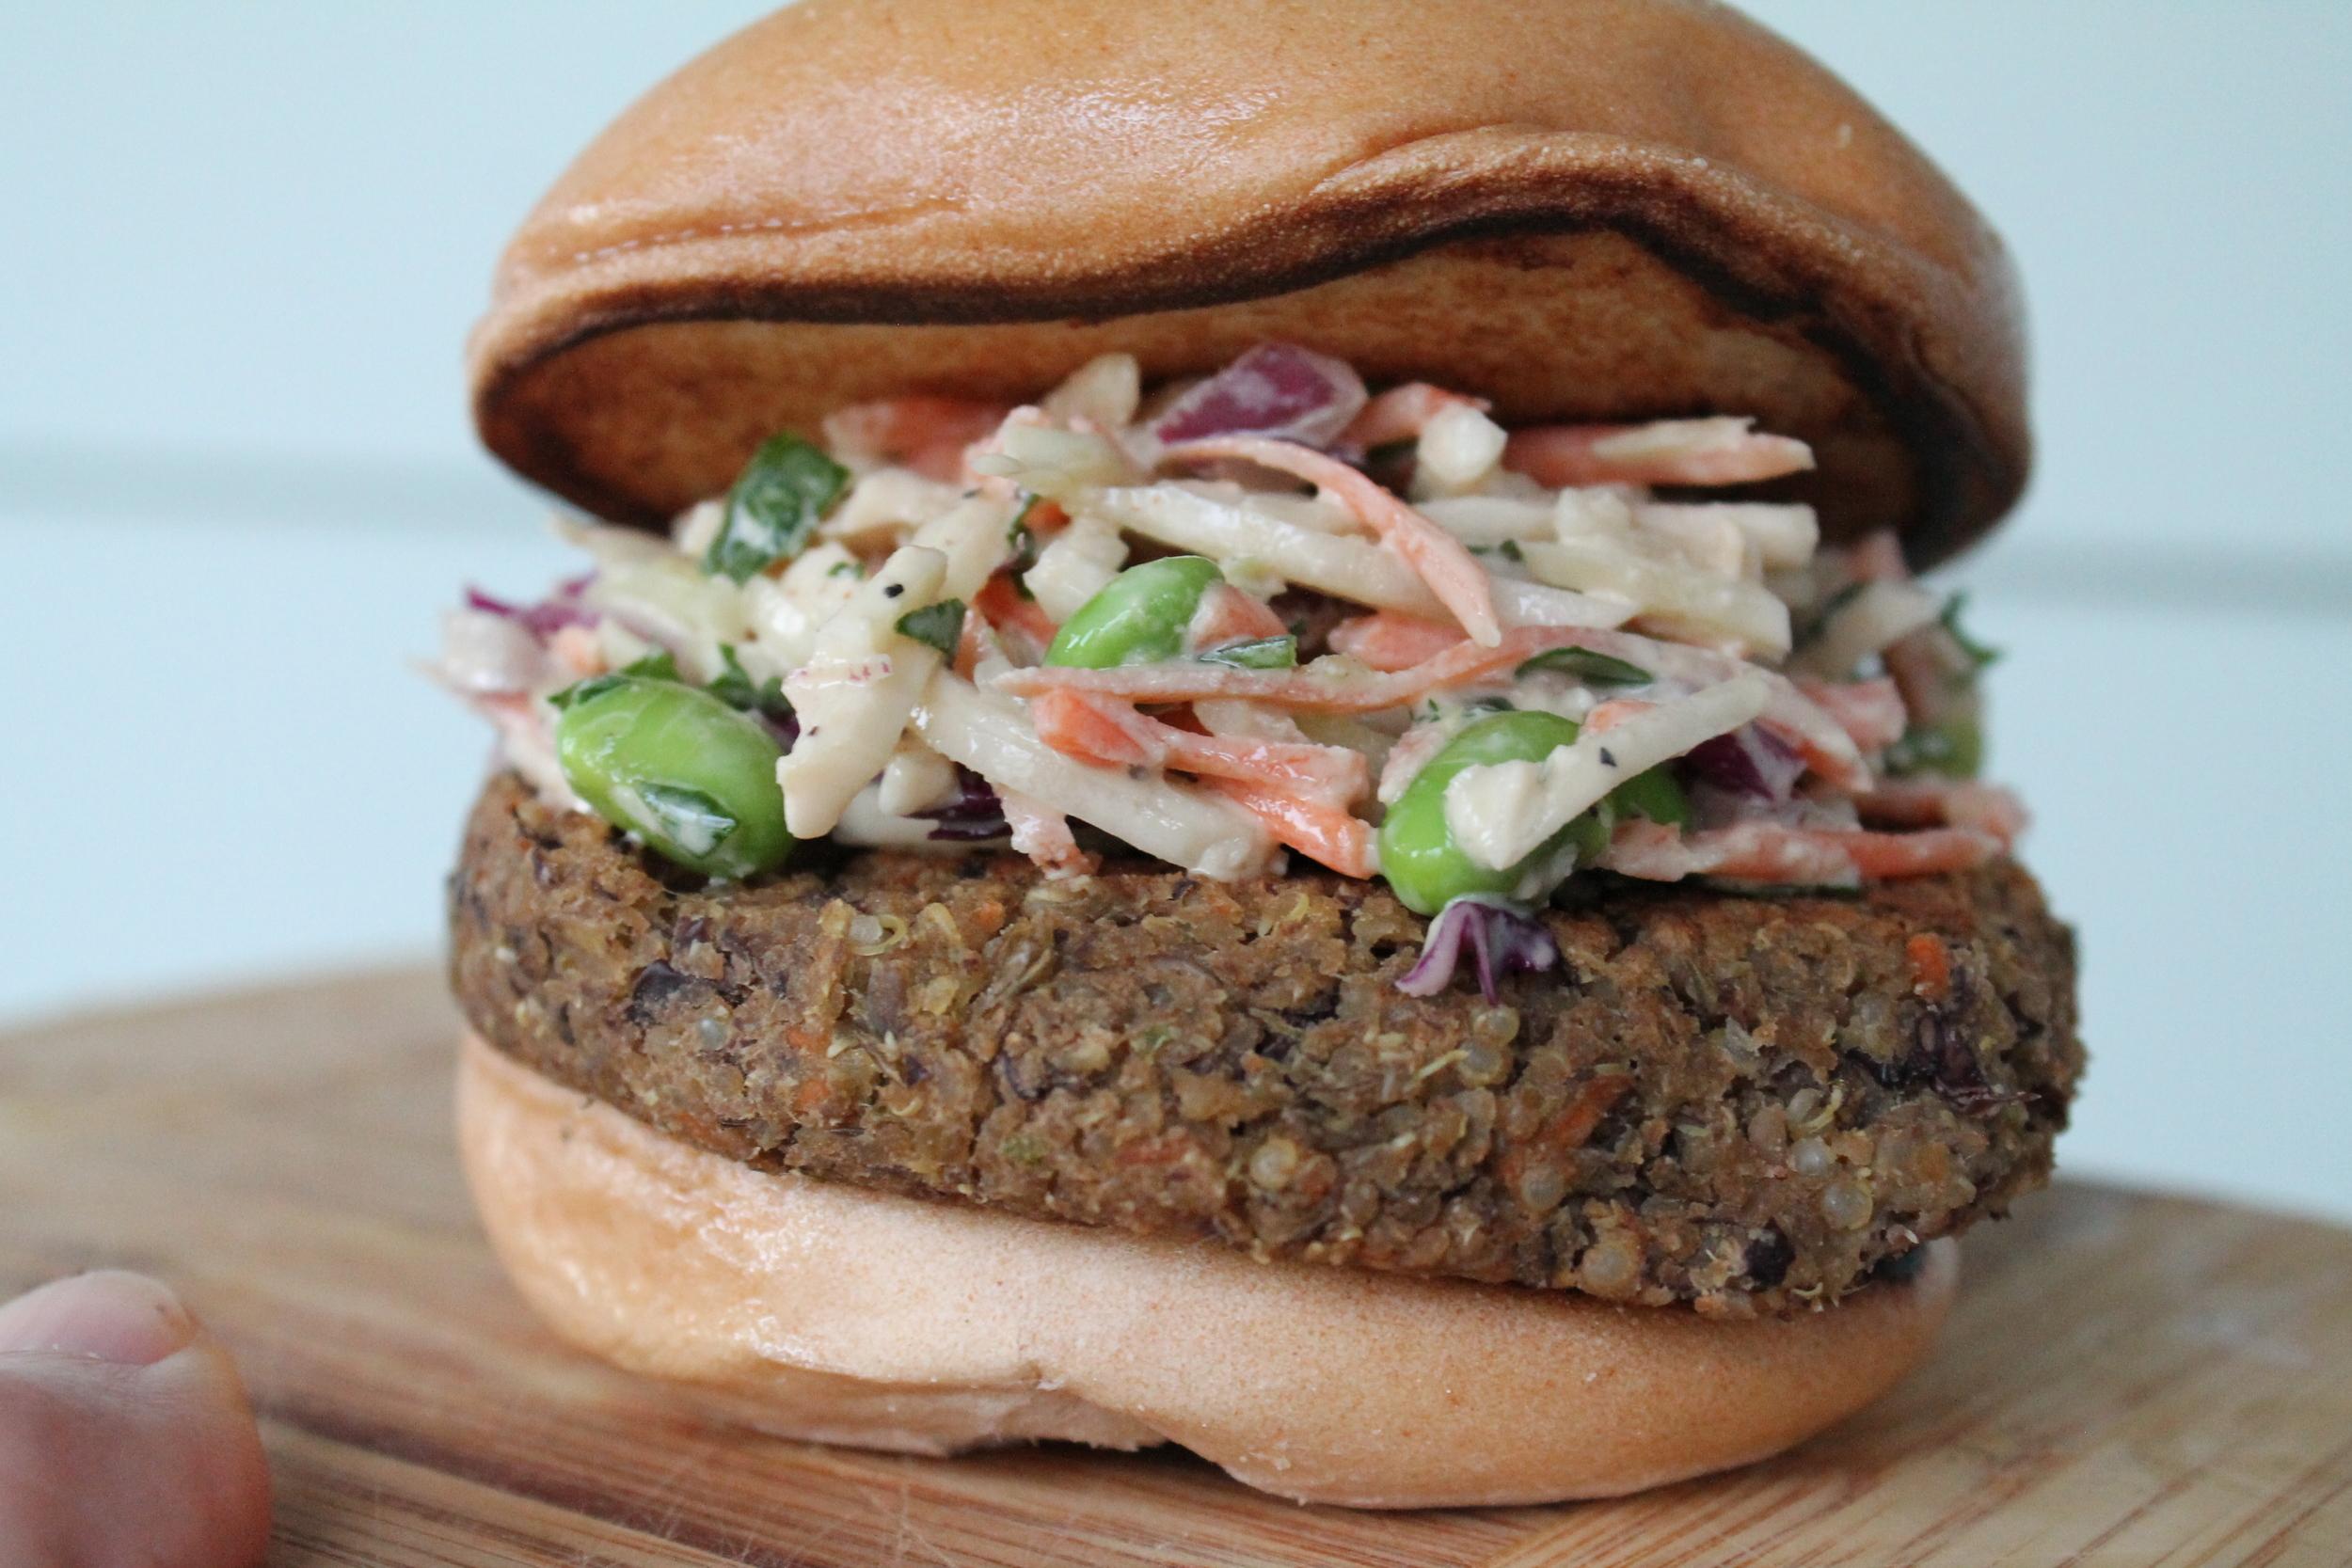 Served on a Schar gluten-free burger bun.